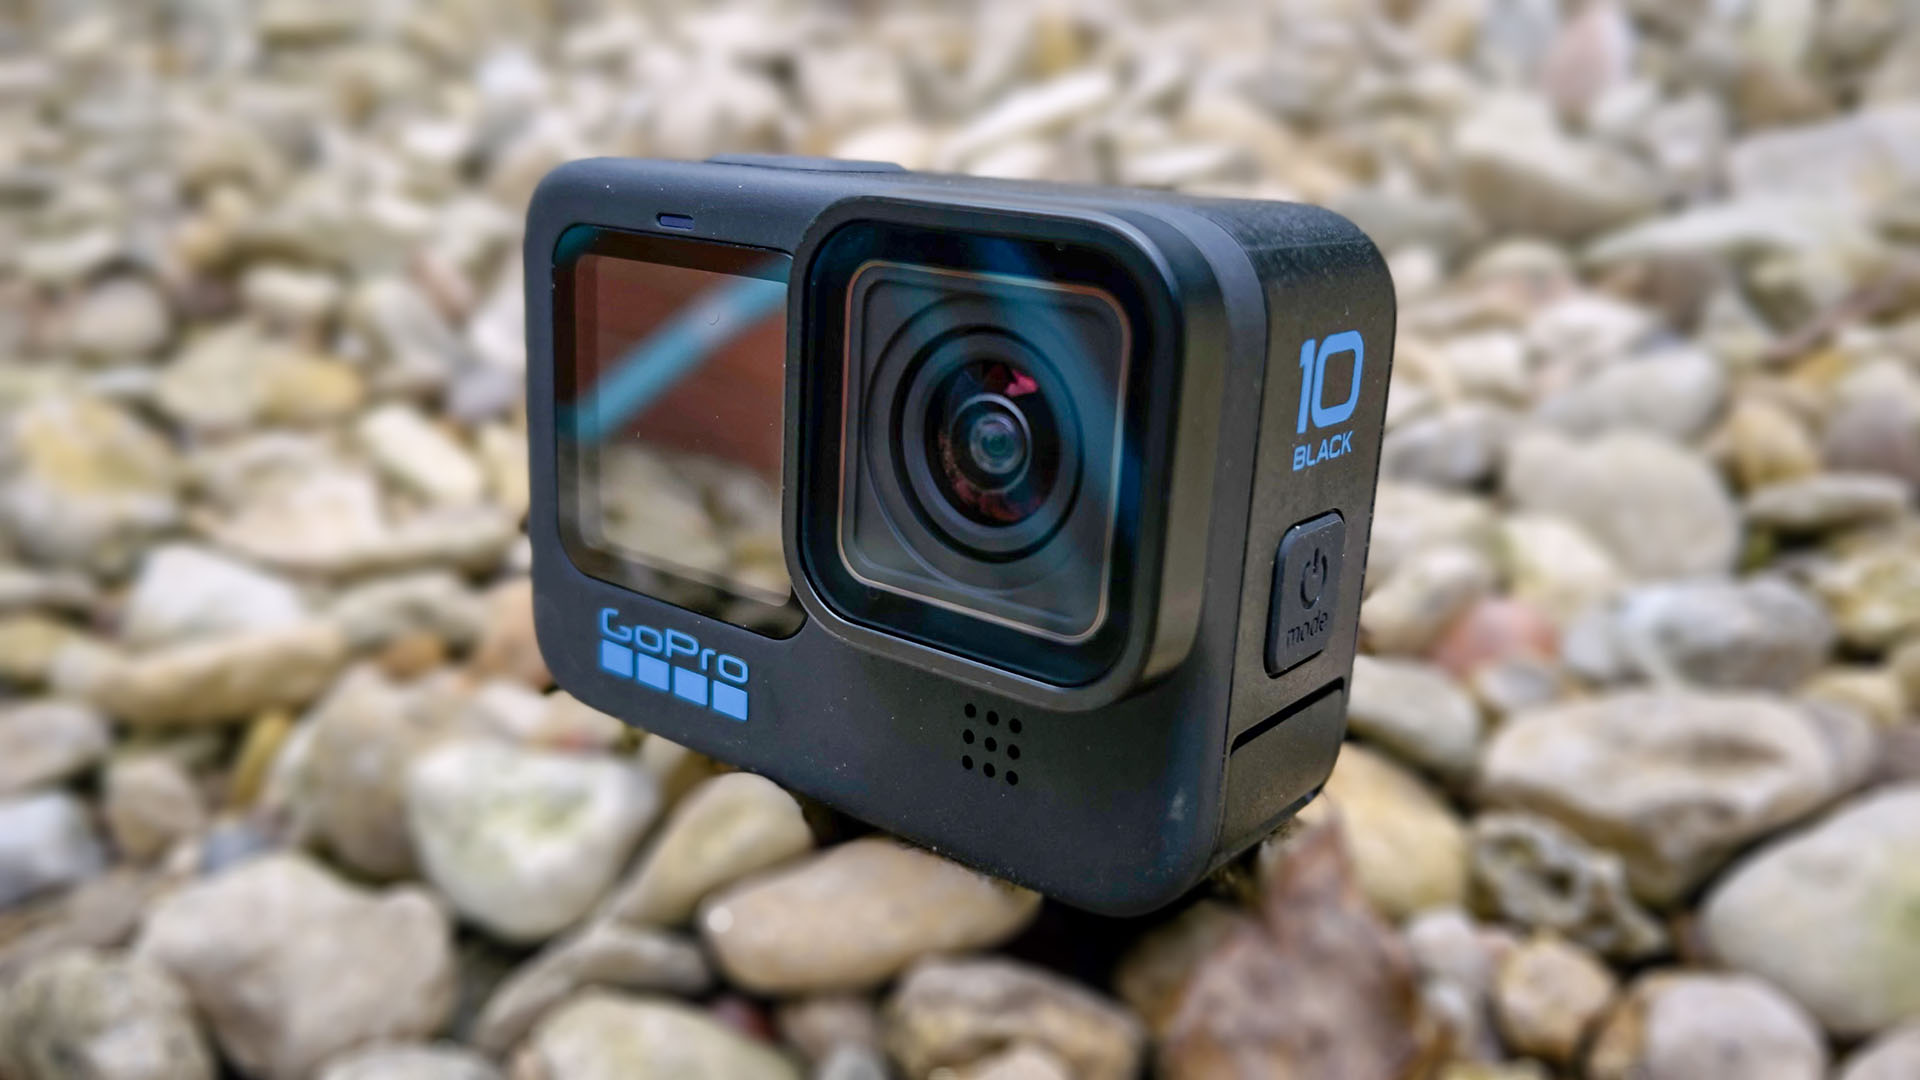 The brand new GoPro HERO10 Black.